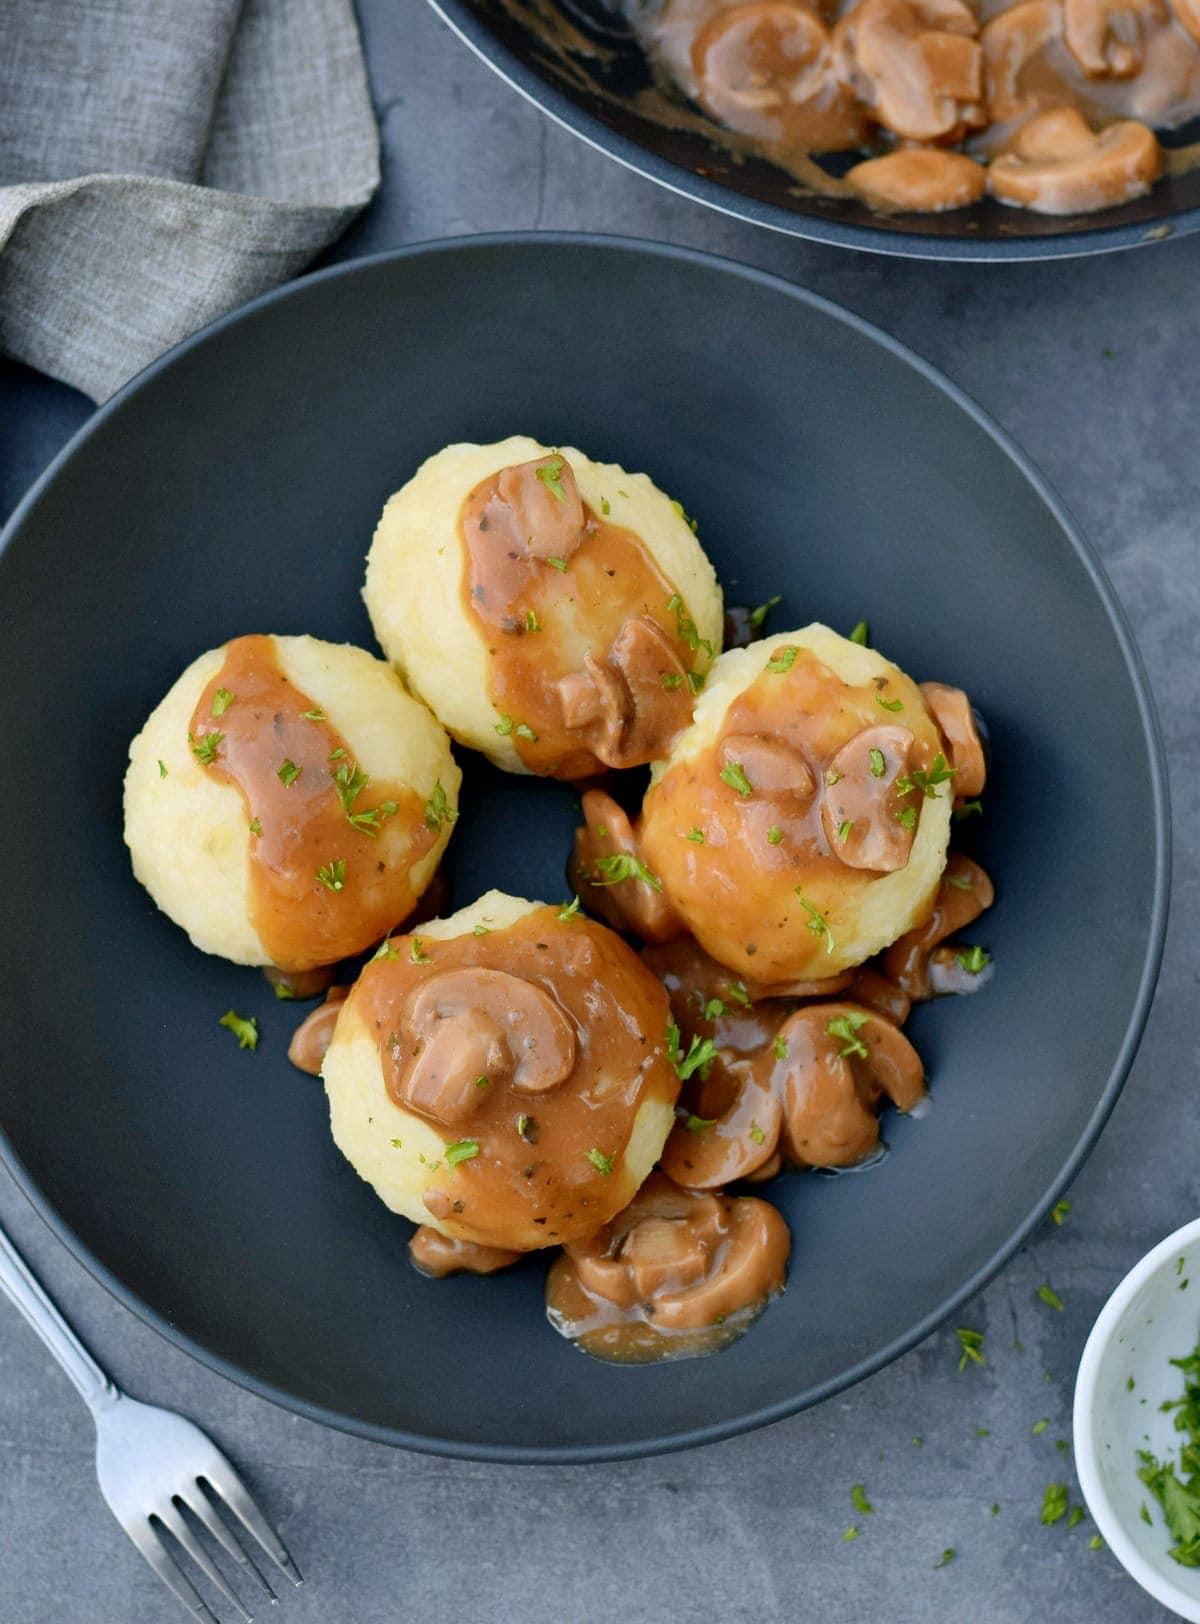 4 Kartoffelknödel mit Pilzsoße in einer schwarzen Schale